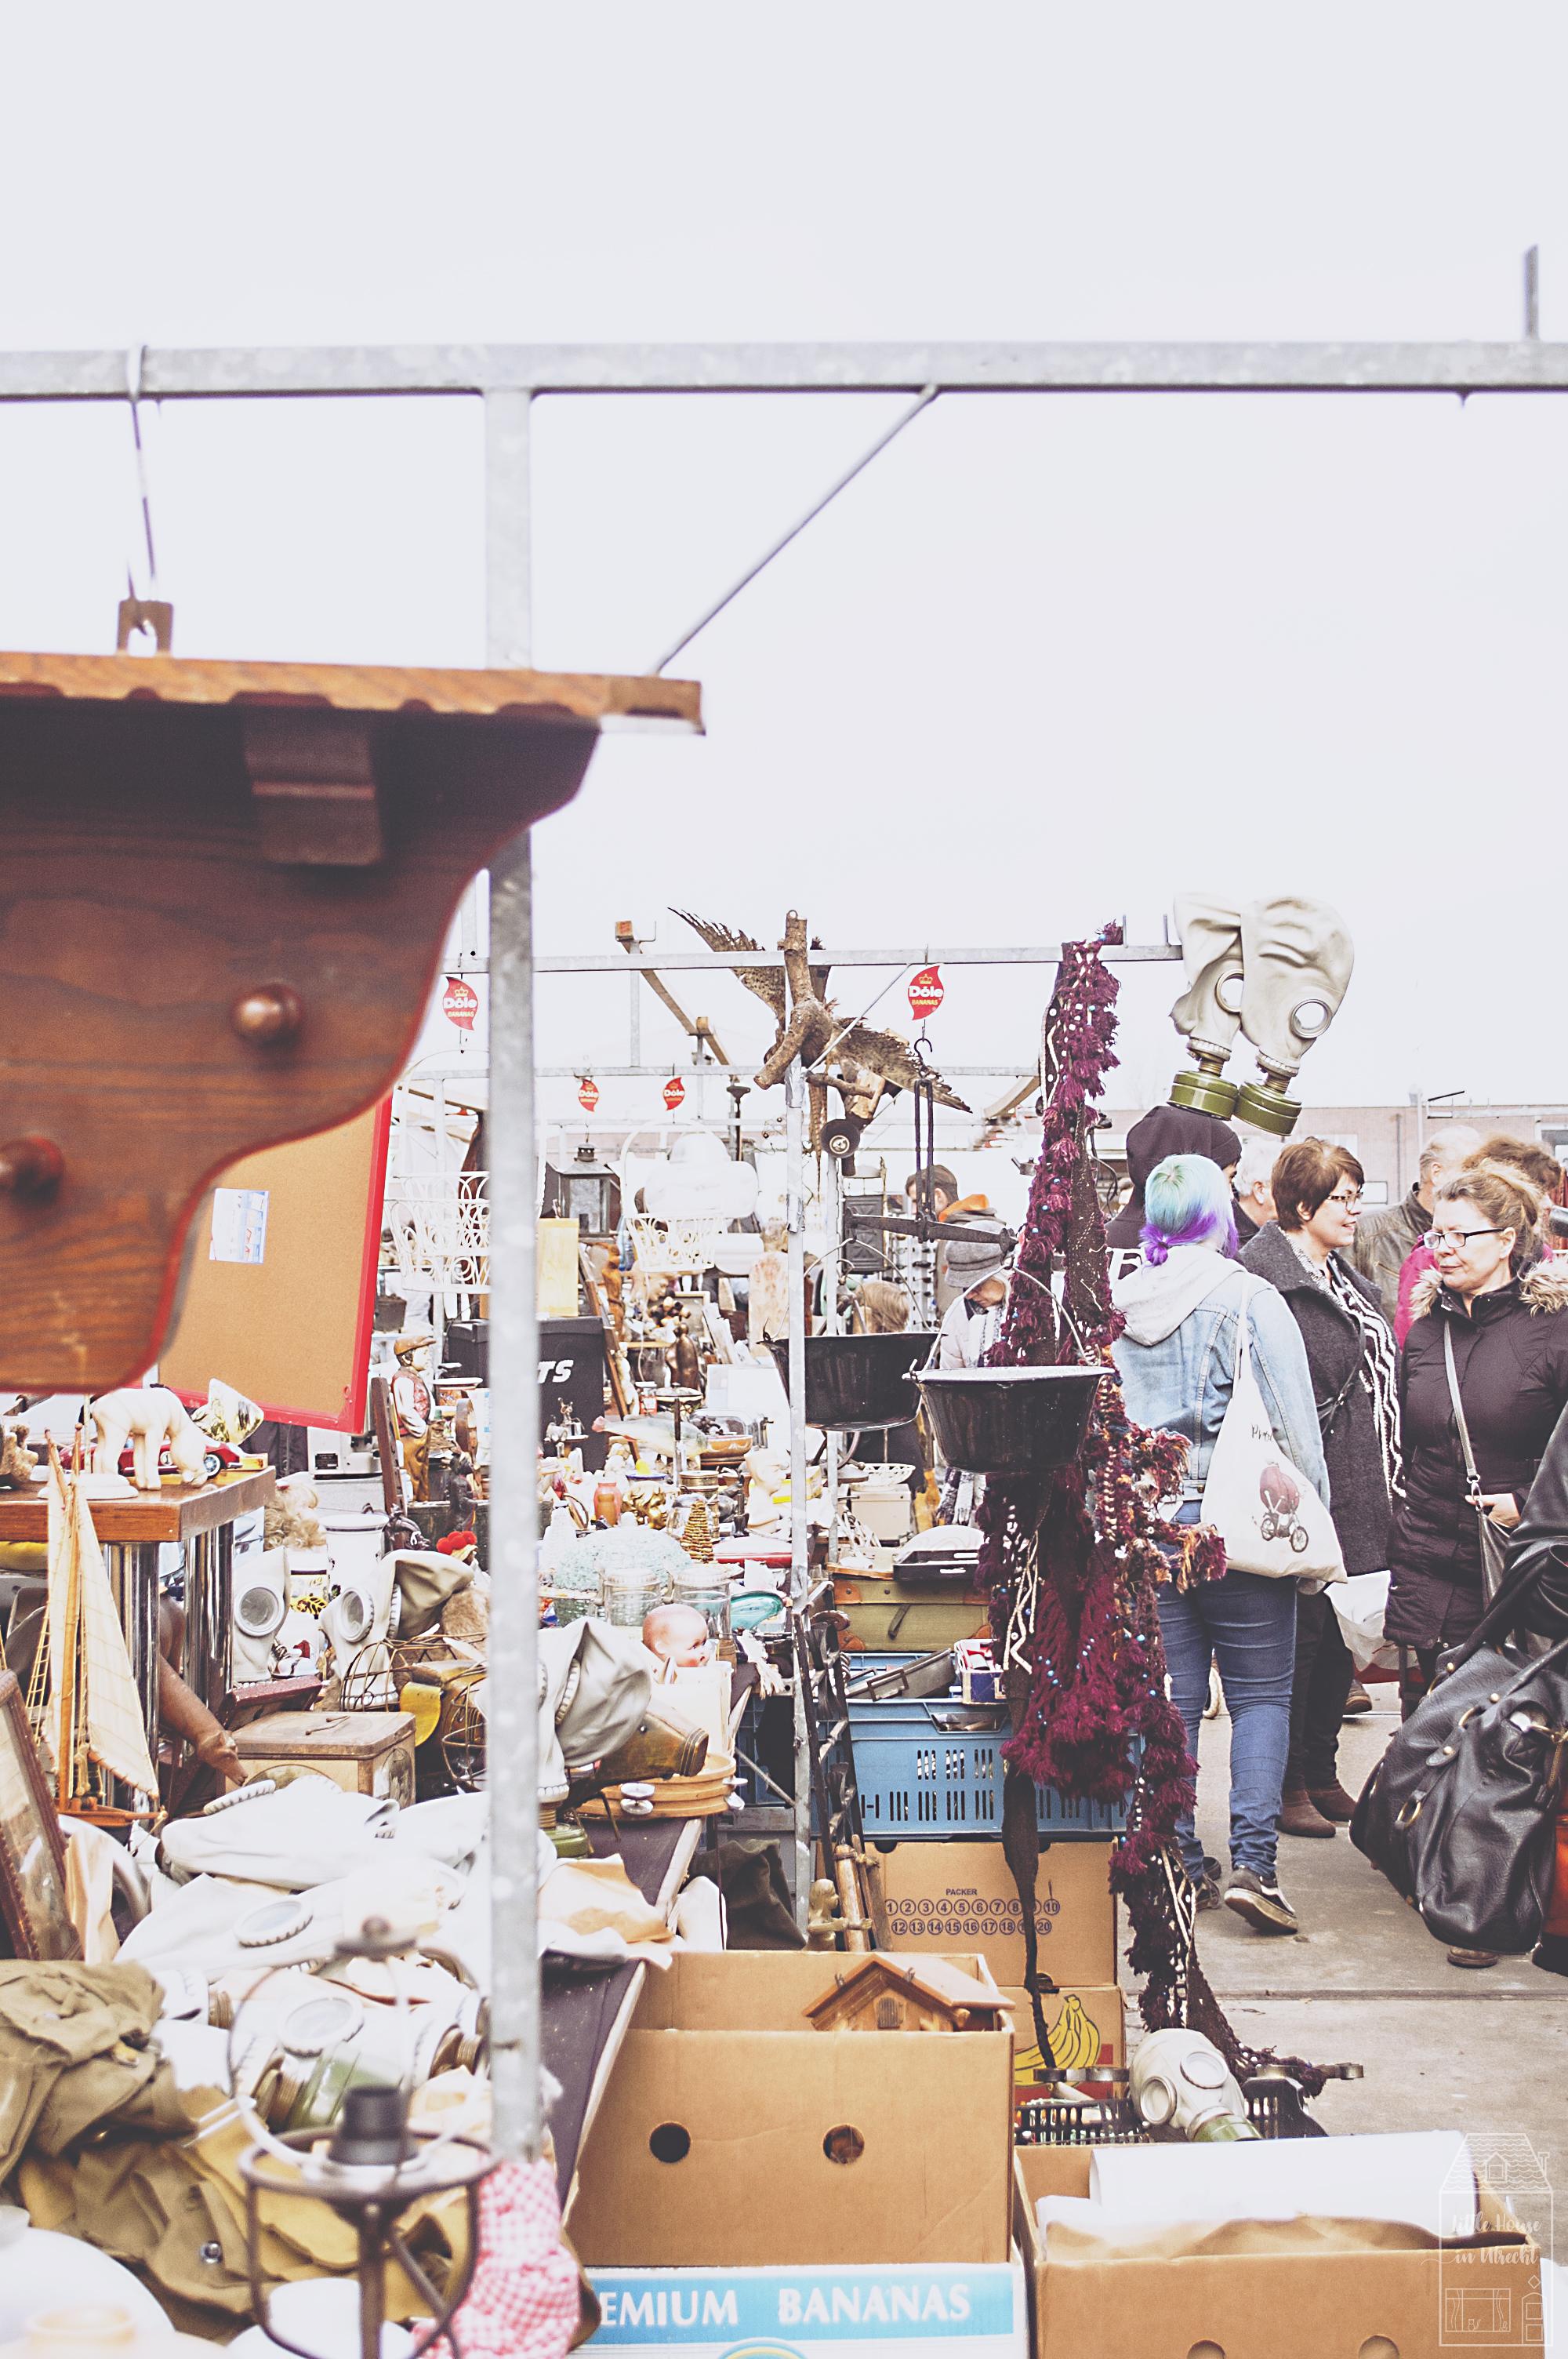 Amsterdam IJ-Hallen flea market